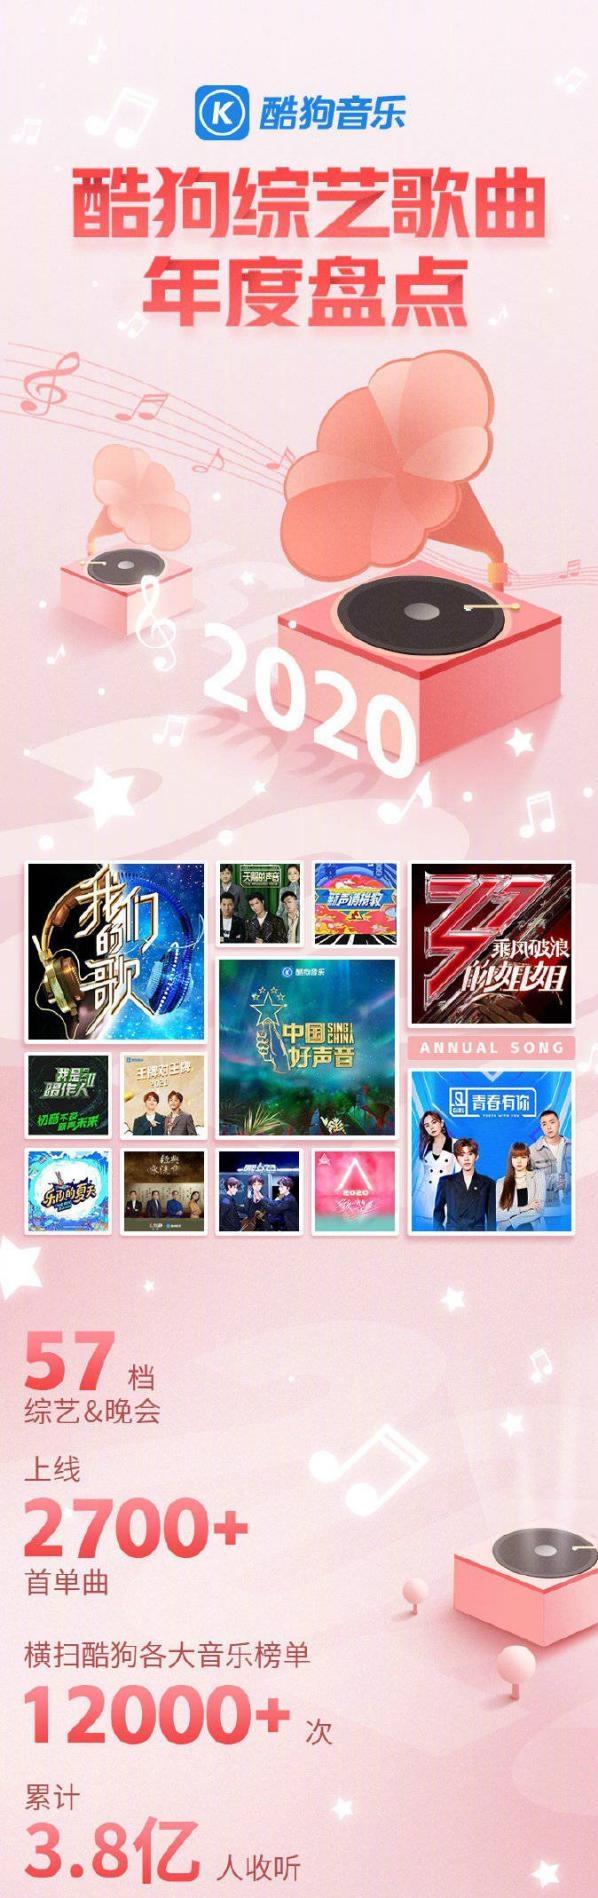 酷狗2020综艺歌曲年度盘点 覆盖听众超3.8亿